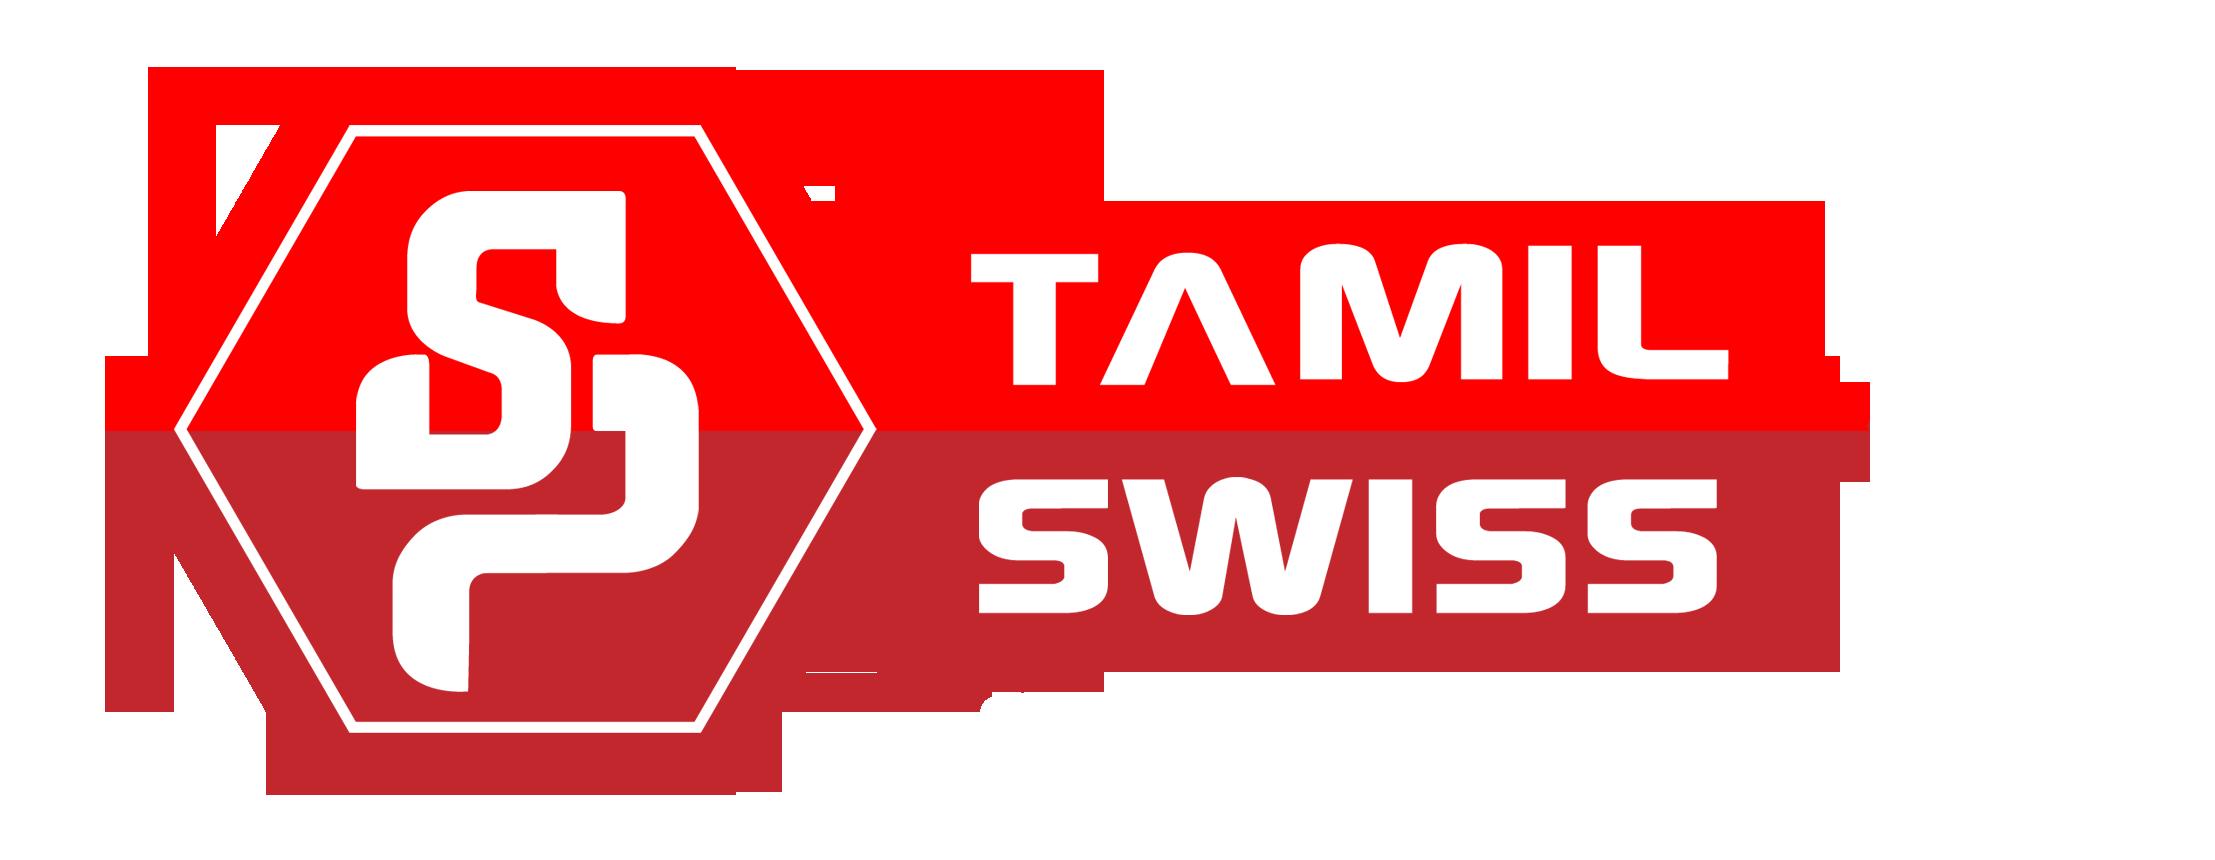 Tamil Swiss News